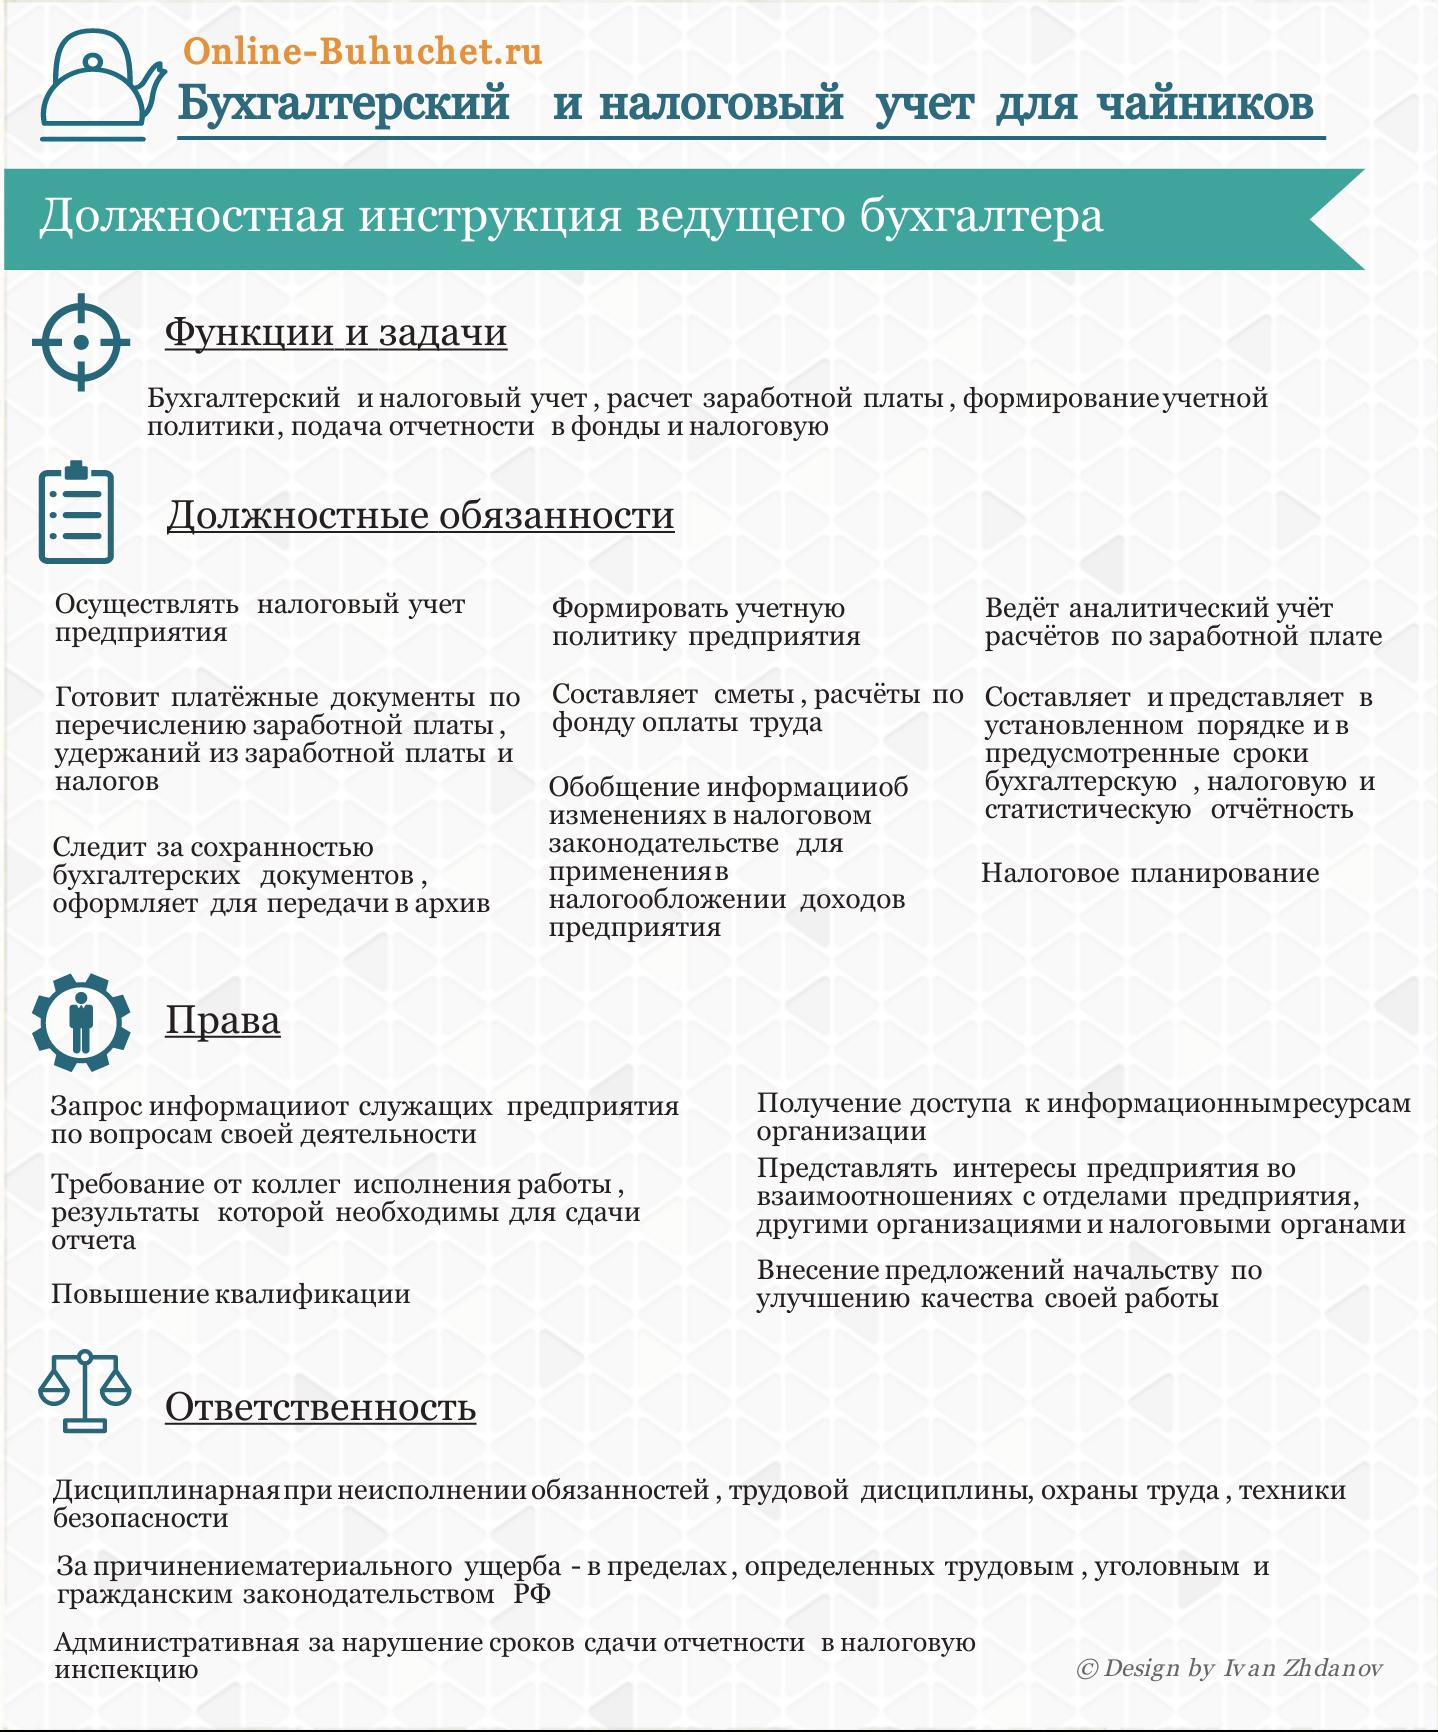 Должностная инструкция ведущего бухгалтера: образец в инфографике